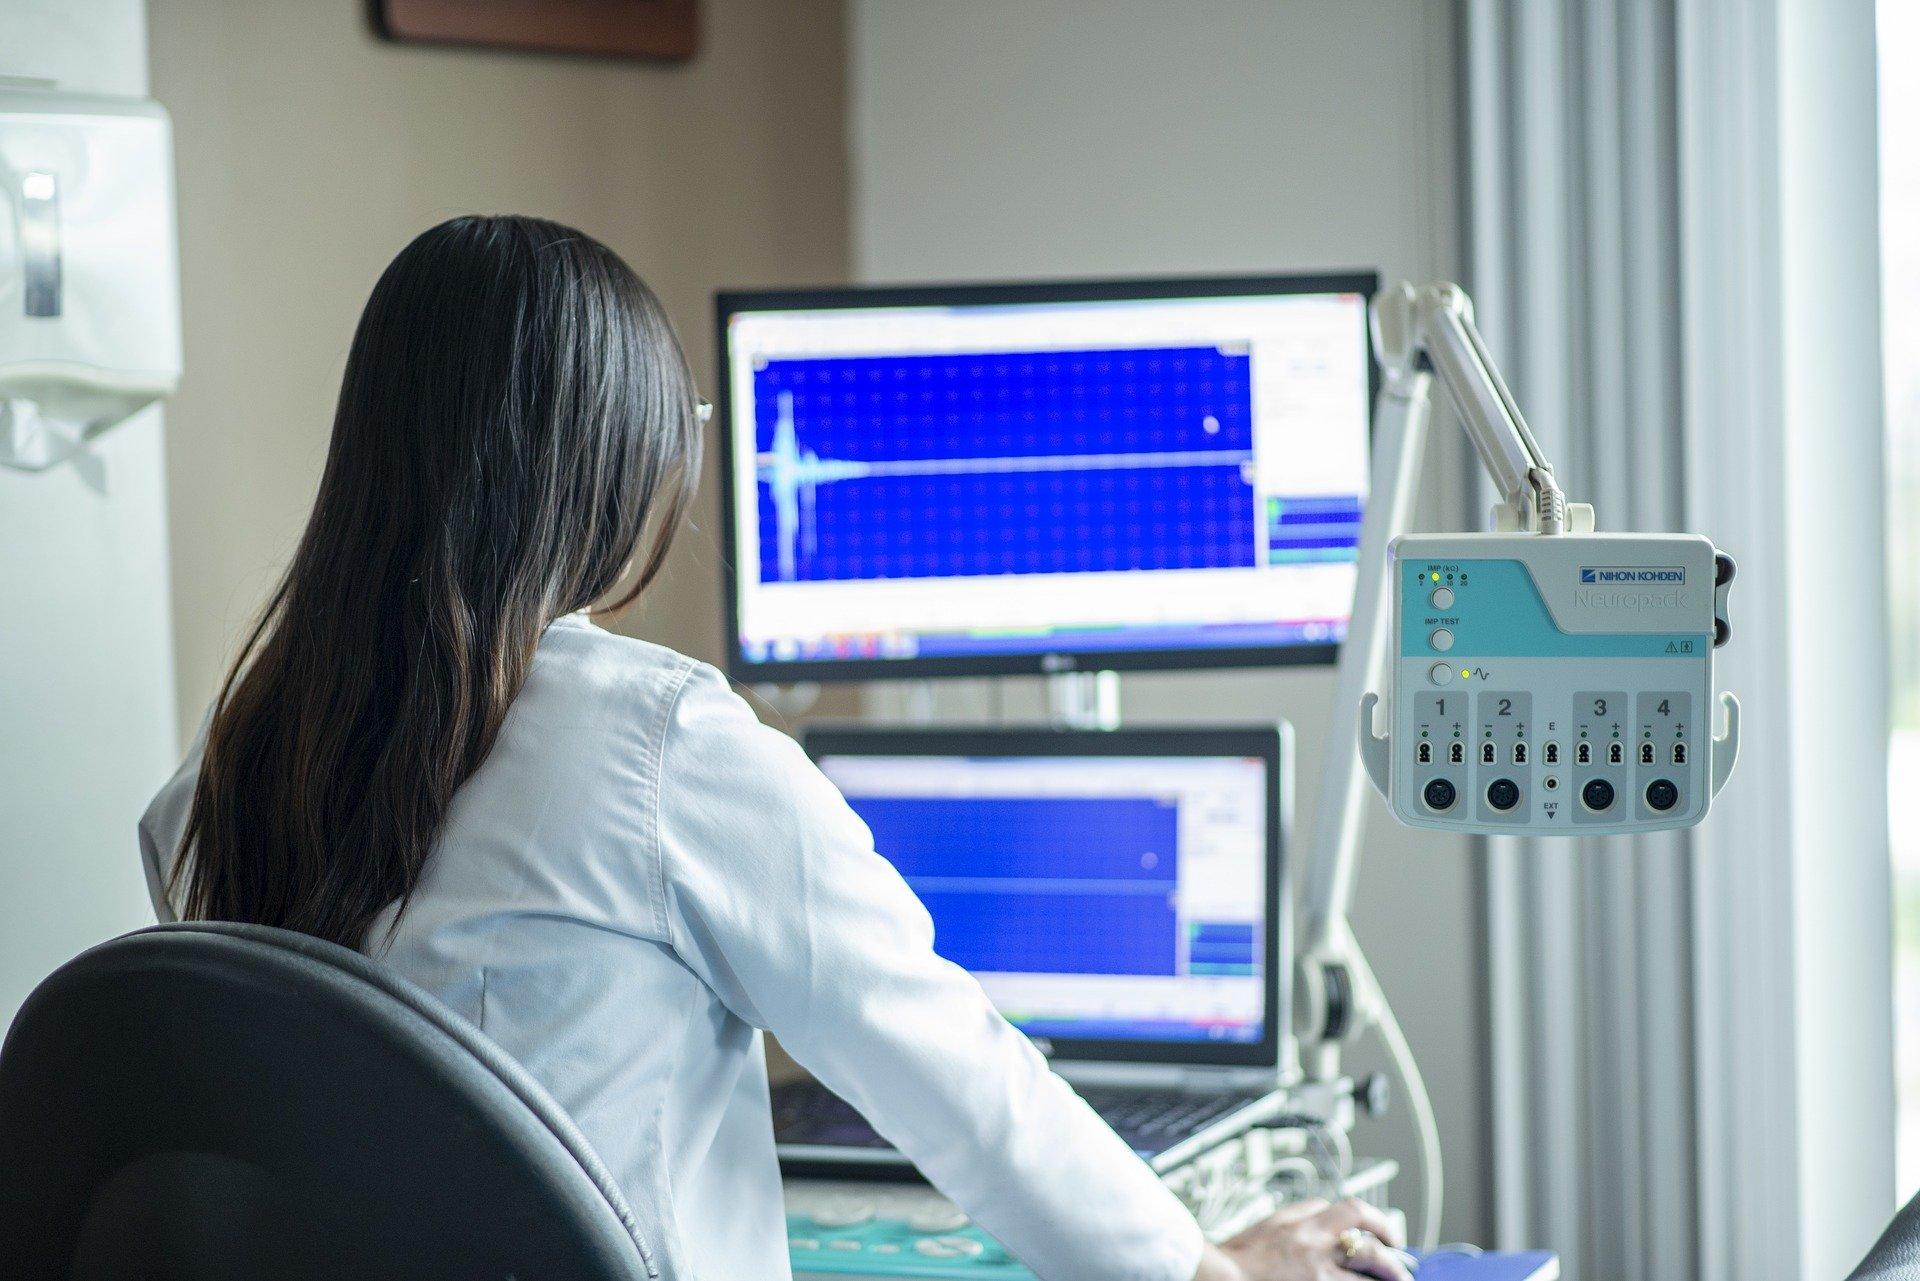 Co to jest aparatura medyczna? Do czego służy i jakie jest jej zastosowanie?